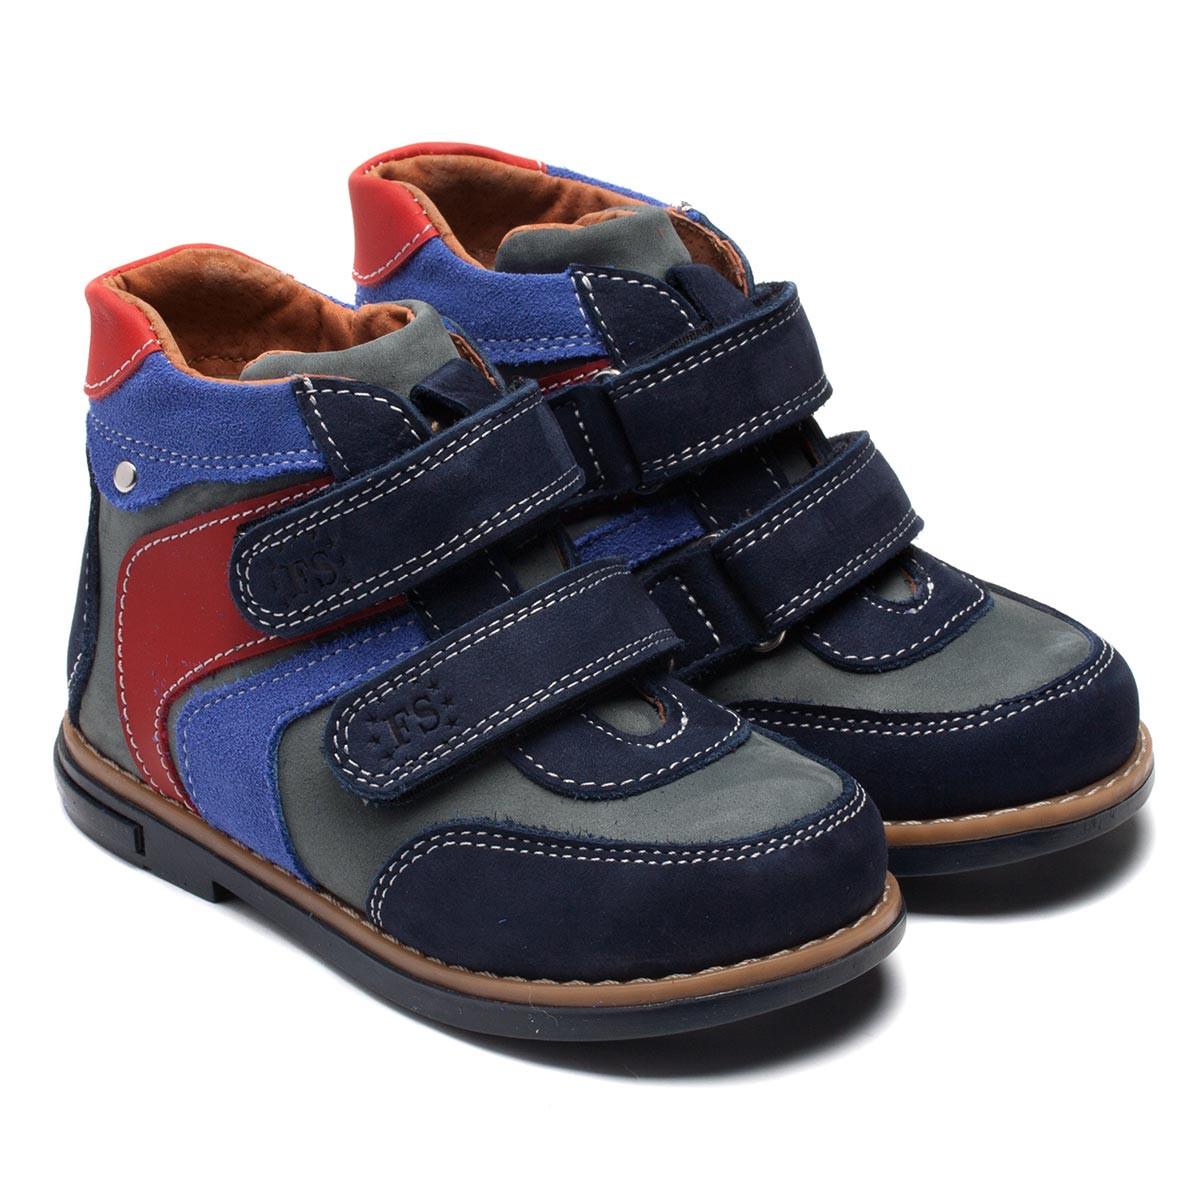 Замшевые утепленные осенние ботинки FS Collection для мальчика, размер 20-28